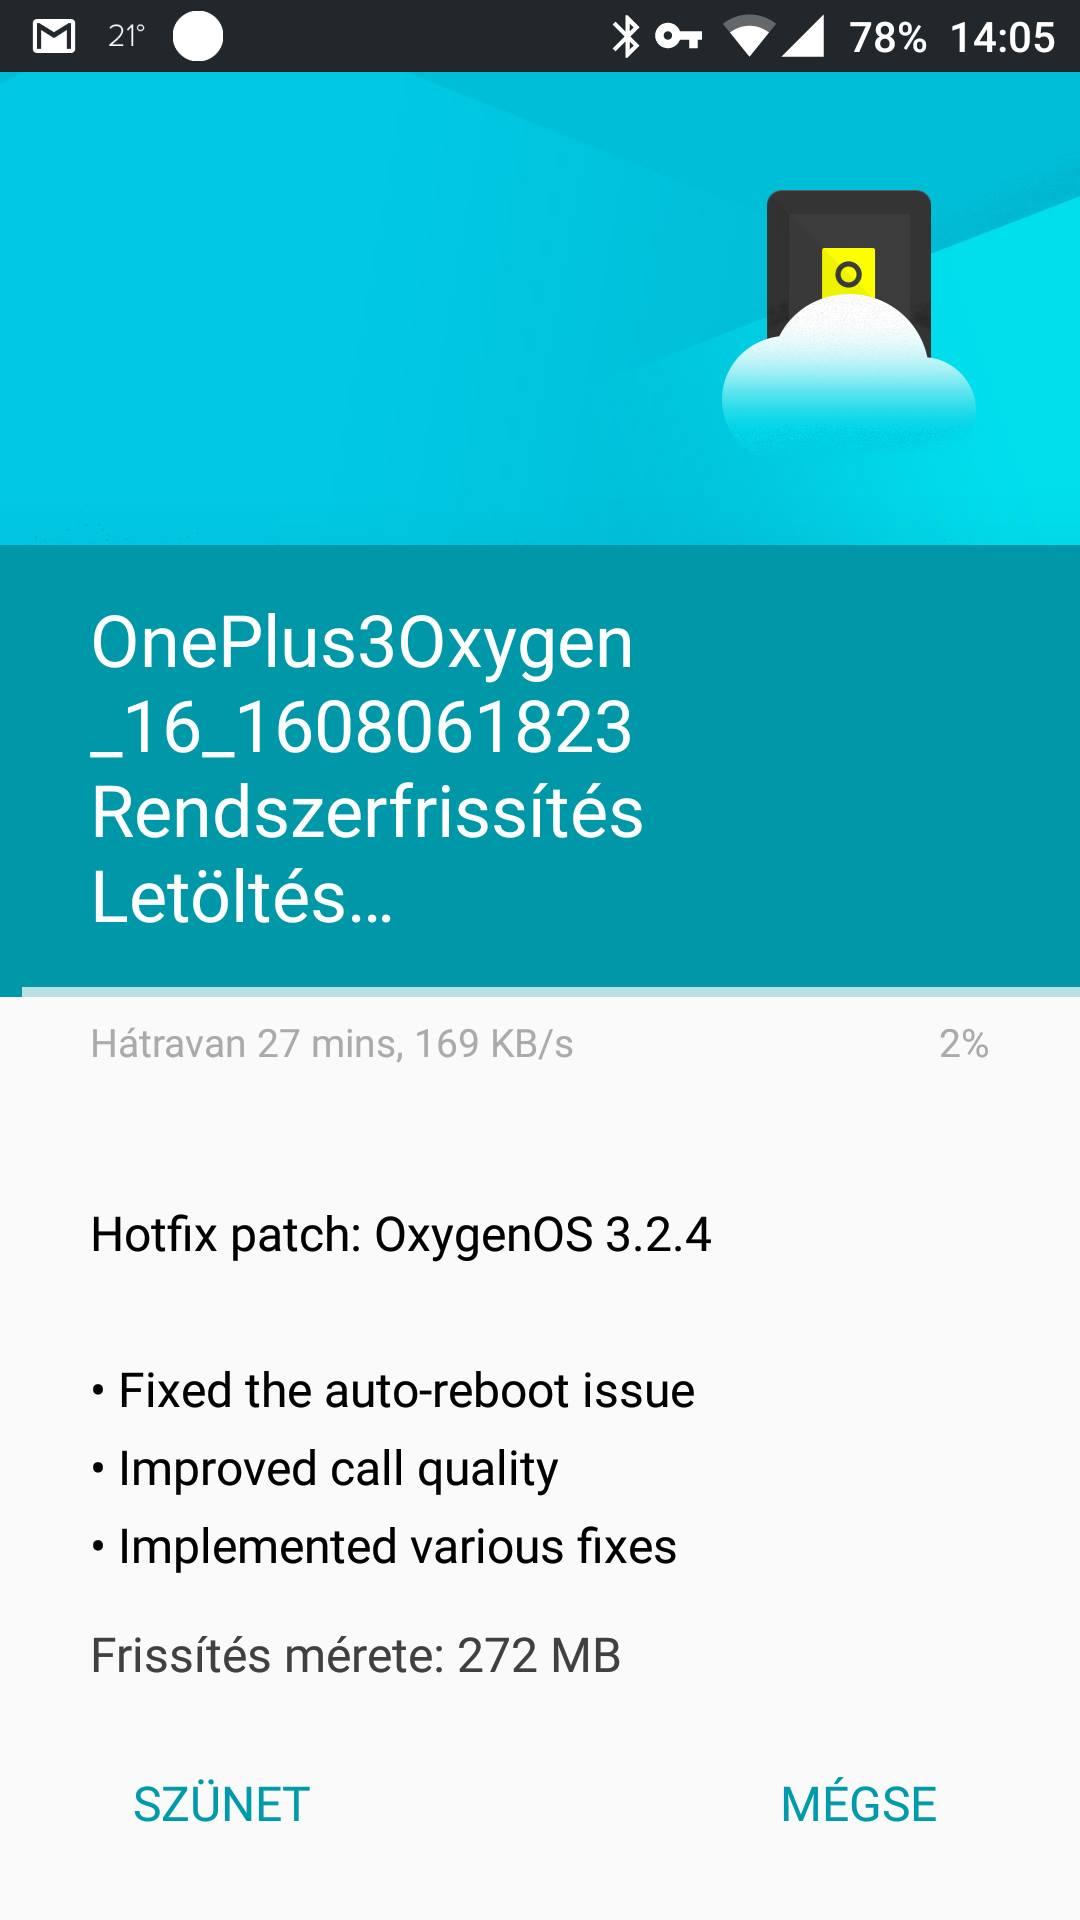 Több kárt okoz az új OnePlus 3 frissítés, mint hasznot?